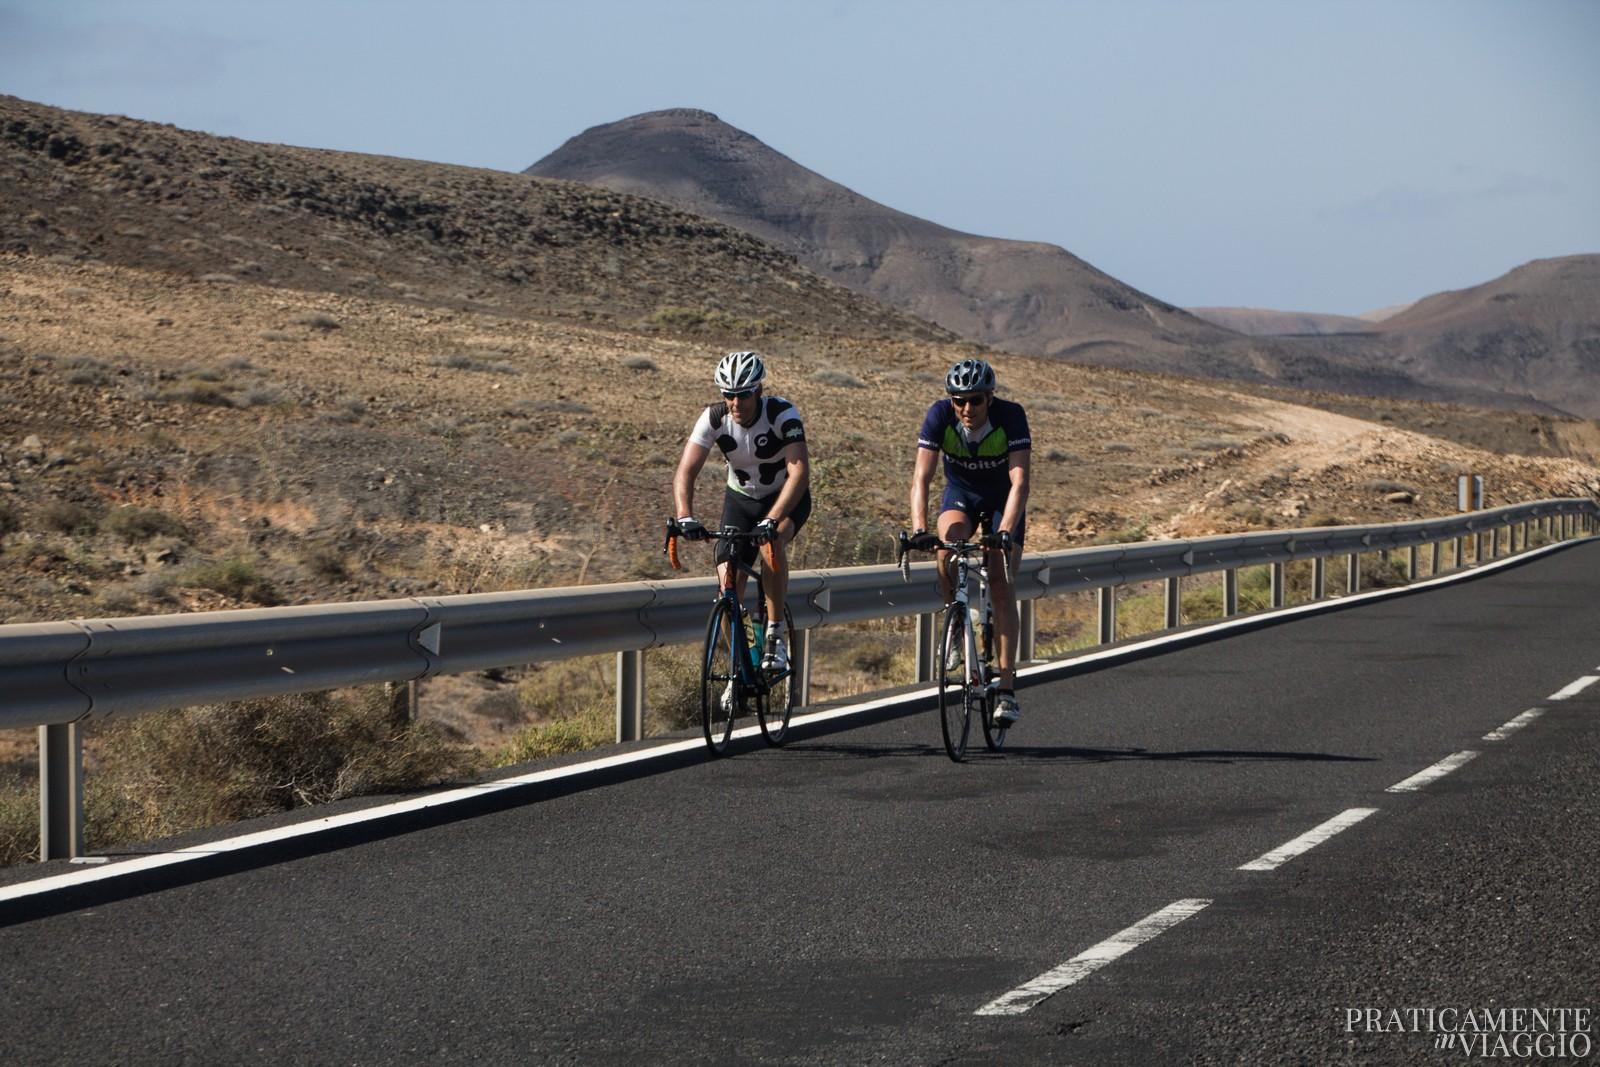 Biking a Fuerteventura